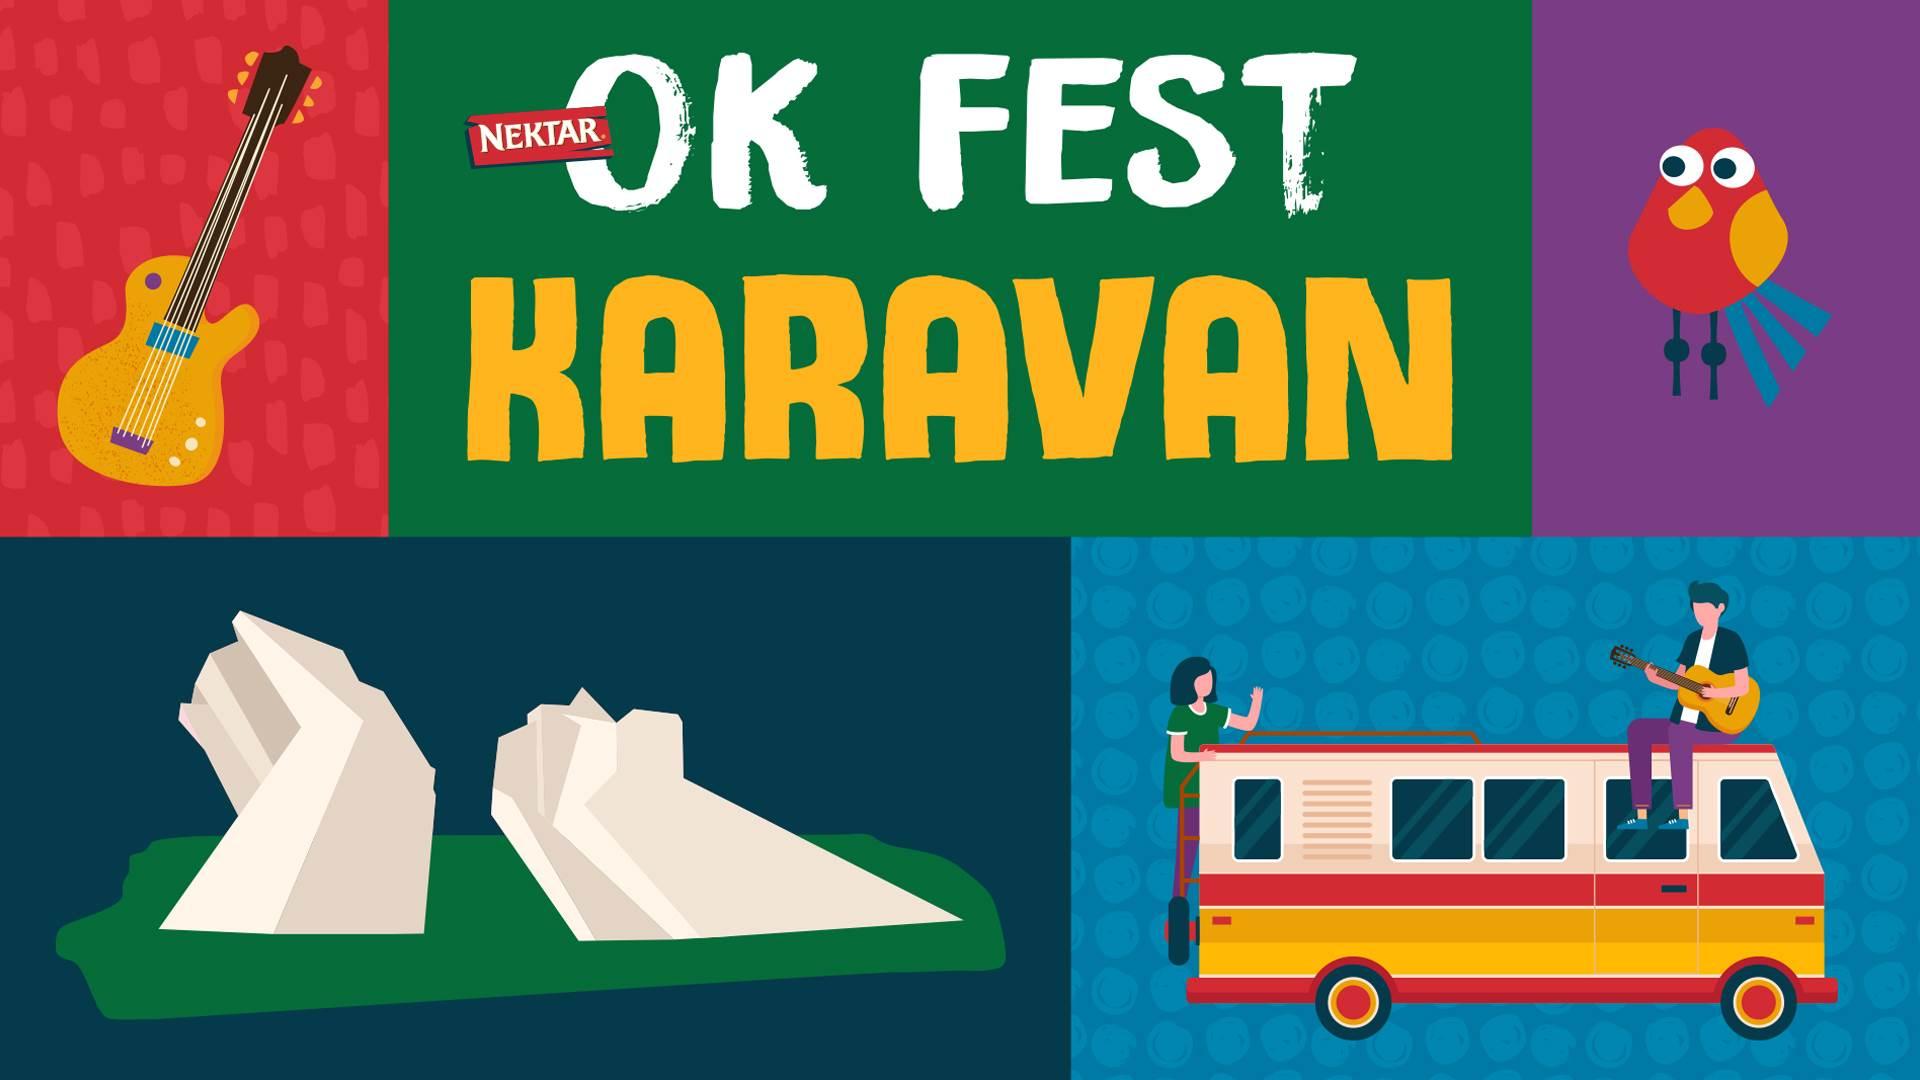 NEKTAR OK FEST KARAVAN.jpg